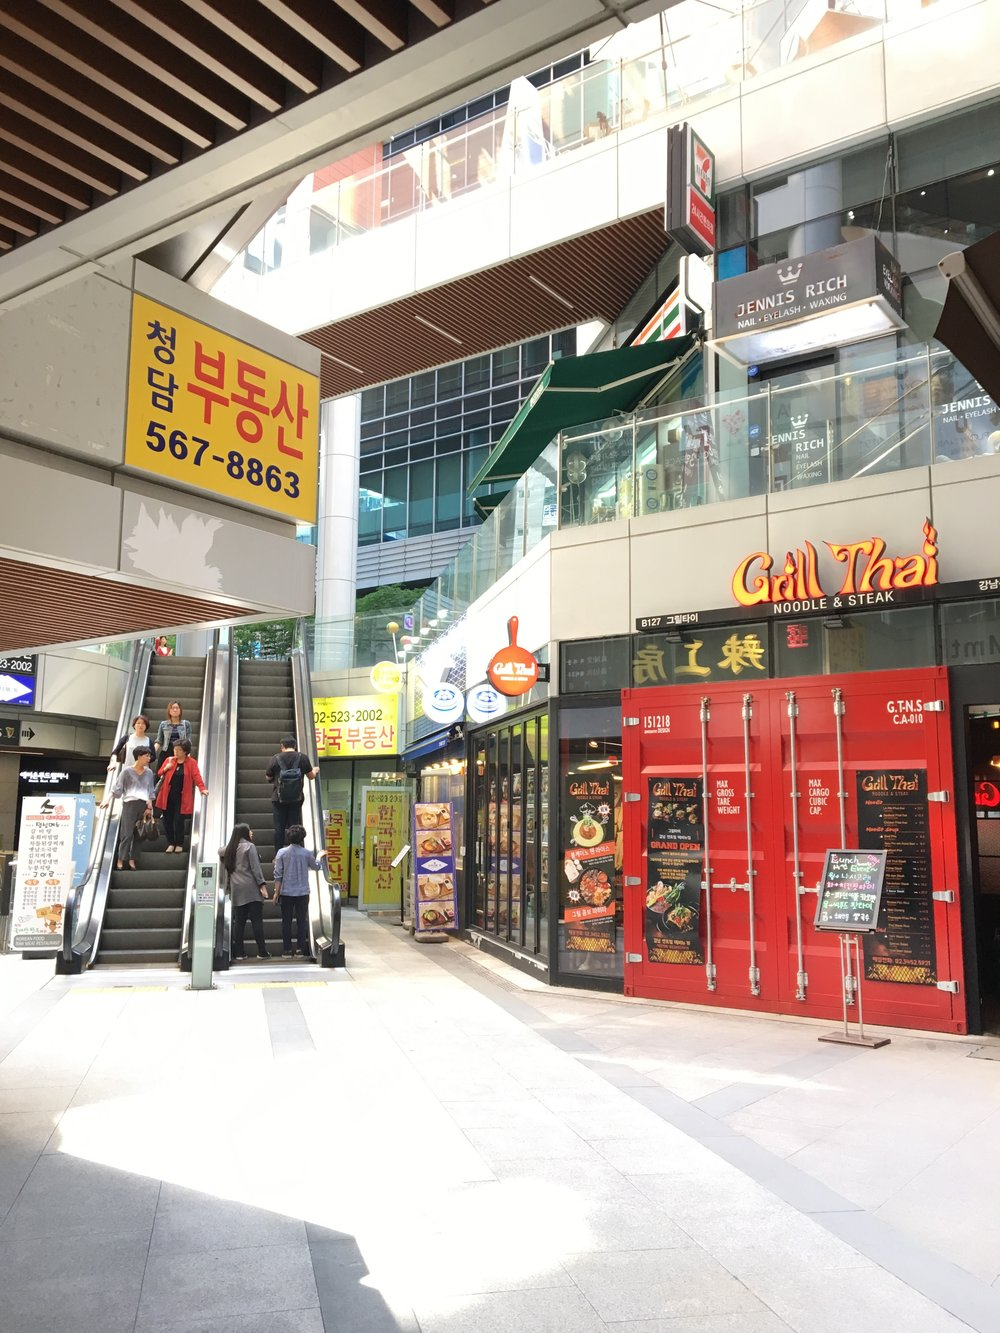 6.當您看到手扶梯時,向右走會看到一家Grill Thai的餐廳 - 電梯入口就在餐廳右邊.